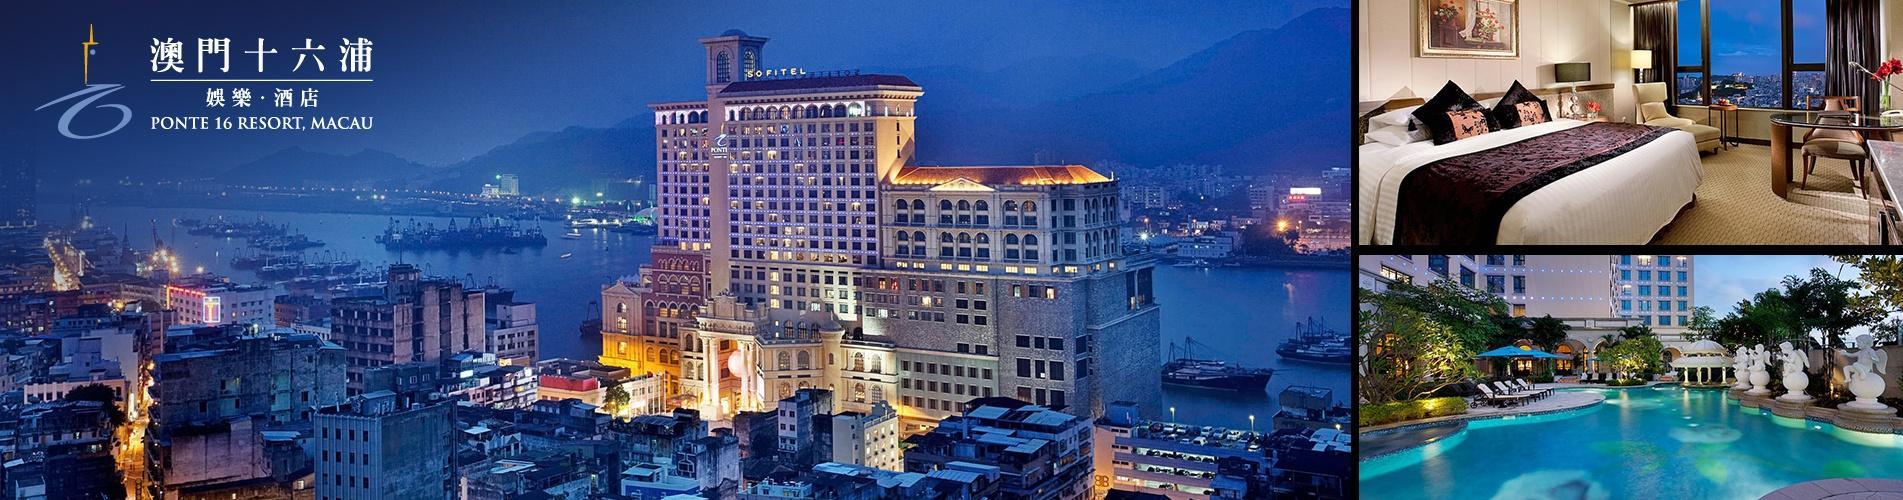 澳門十六浦索菲特酒店套票 Sofitel Macau at Ponte 16 Package